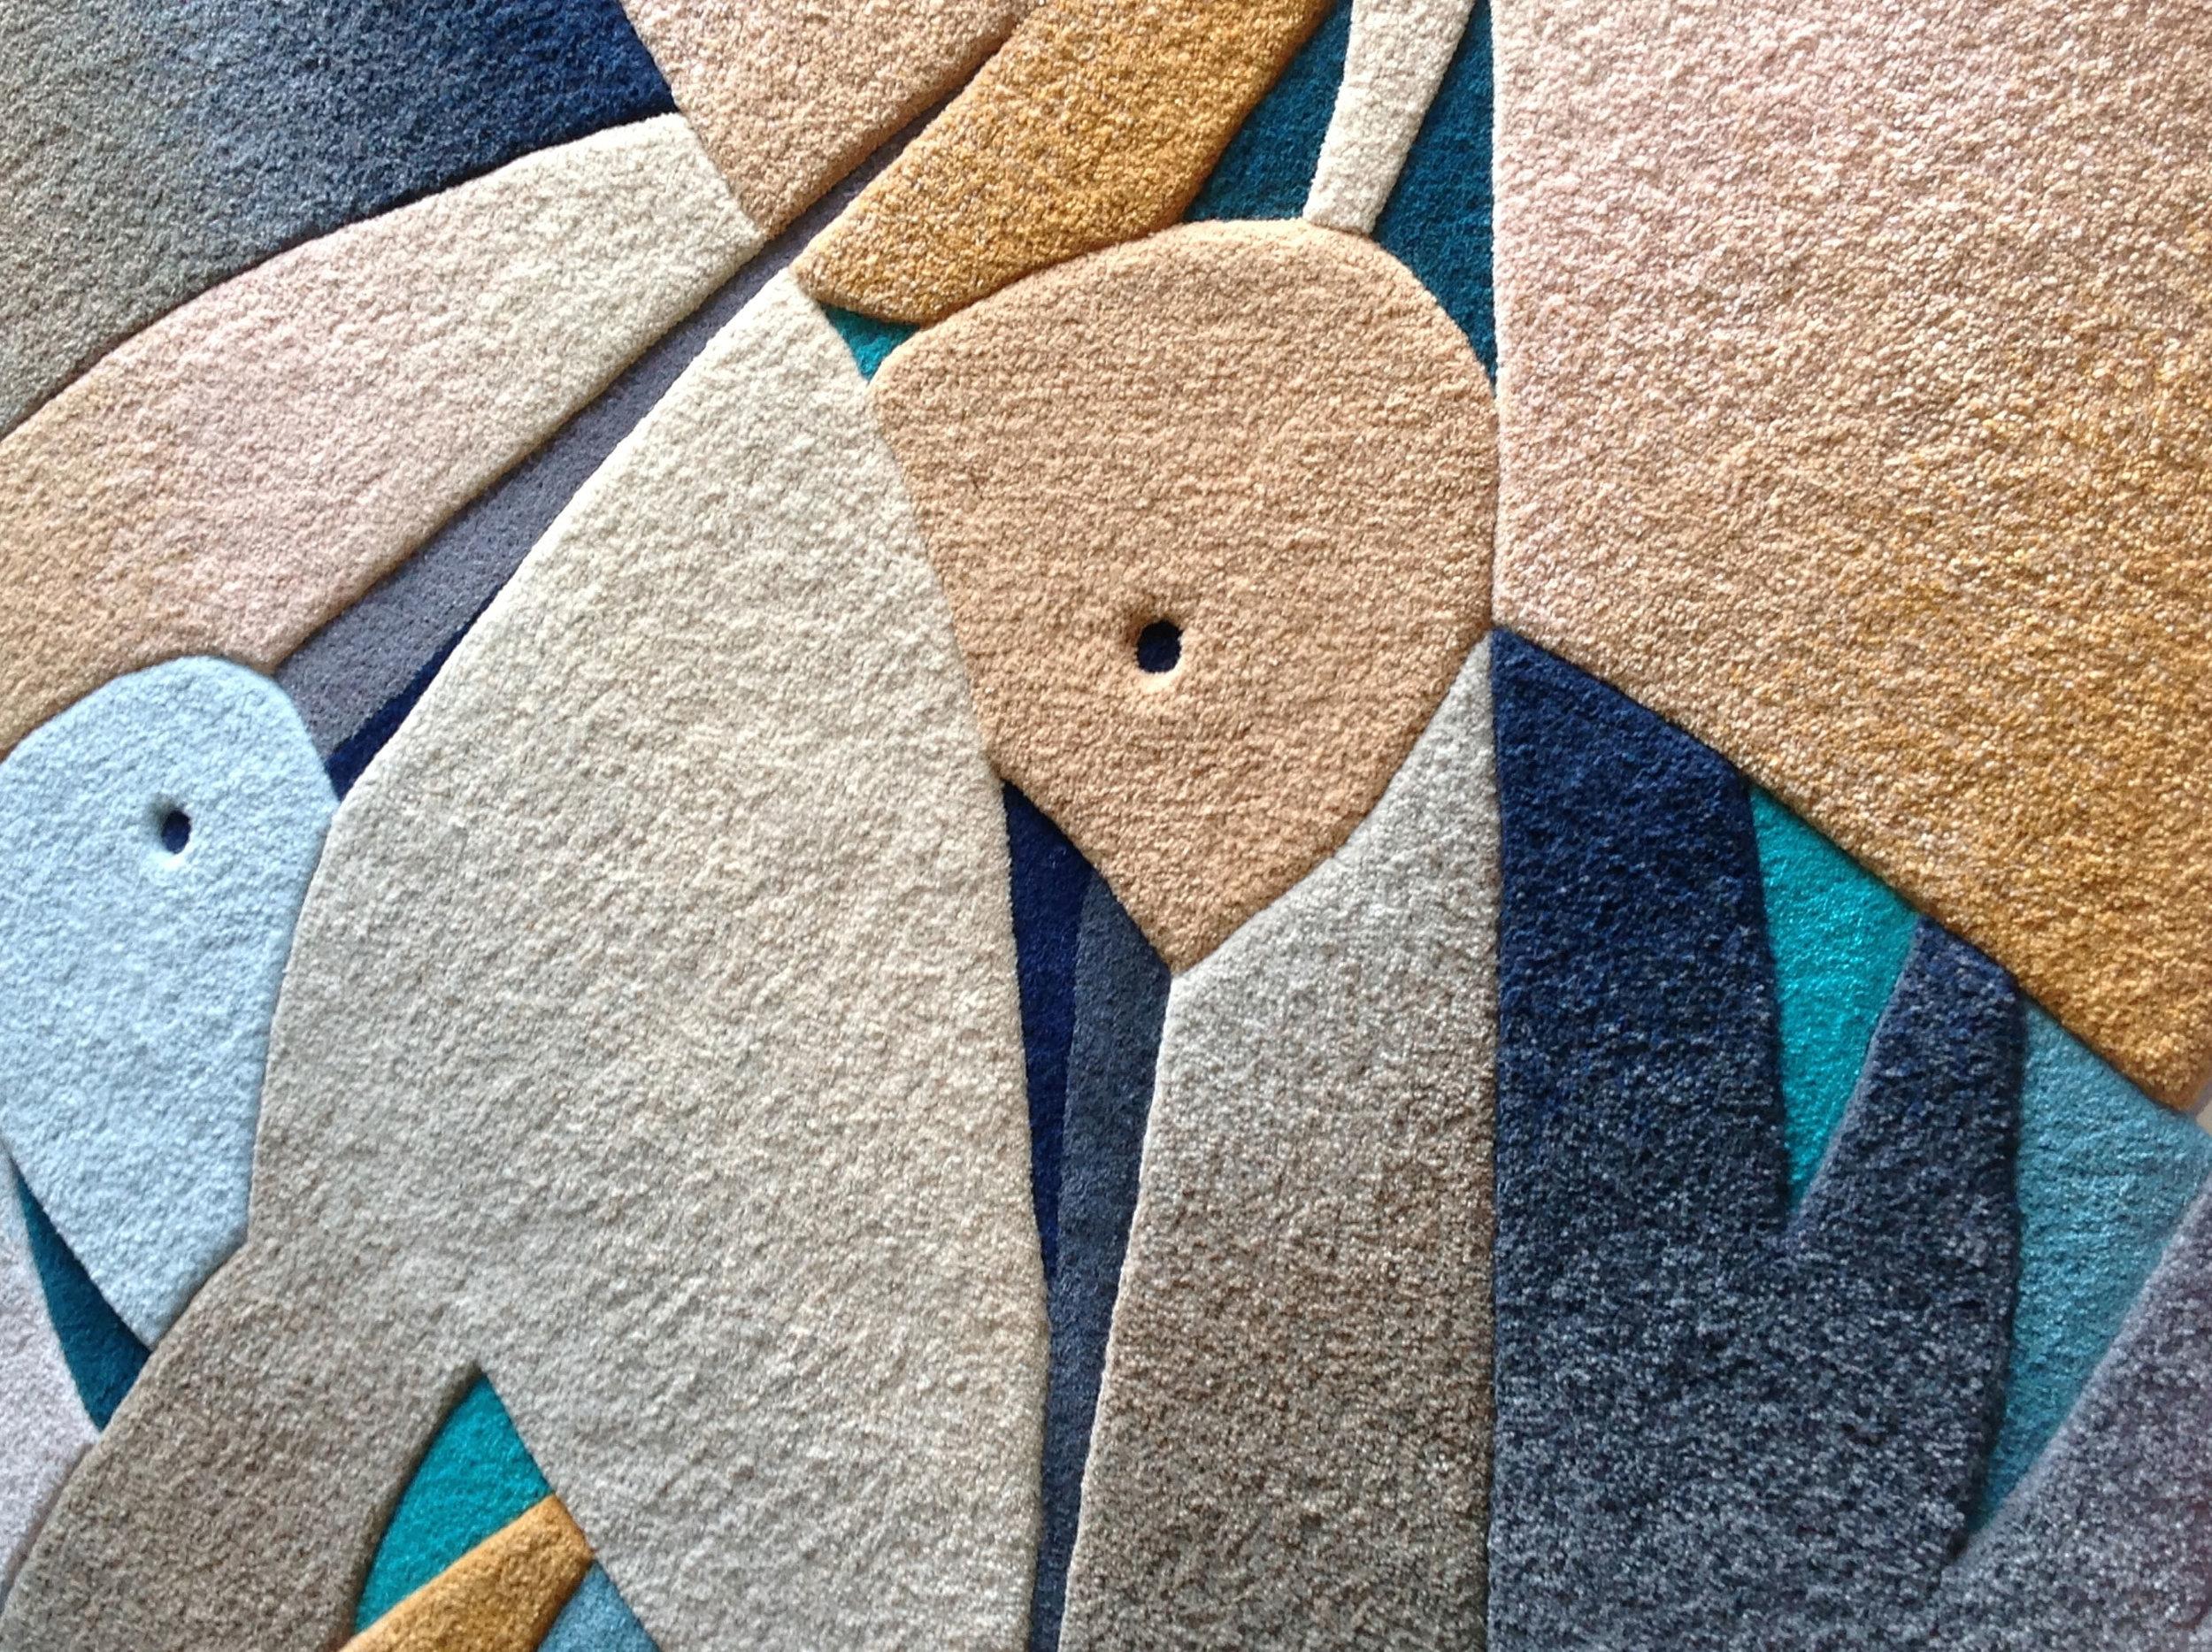 MADARAK - Termékismertető: Egyedi kézi tűzéses (hand-tuft) szőnyeg, 100 %-os gyapjúfonallal készült. A szőnyeg témáját a madarak szárnycsattogtató, egymással kötekedő világa ihlette, ahol néha a szárnyak, csőrök összeakadnak. A terv lényeges eleme a különböző foltok lendületes egymásba fonódása, mint ahogyan az a szárnyakkal történik. A kontrasztos szárnyvégek színátmenettel készültek, ezek a tűzött fonalkeveredések követik a lendületes, íves vonalakat. A madárszárny-forgatag kinyúlik a négyzetes formából, ami jelzésszerűen megjelenik a széleken. Az alapforma és a színes háromszögek alacsonyabbra vannak vágva.